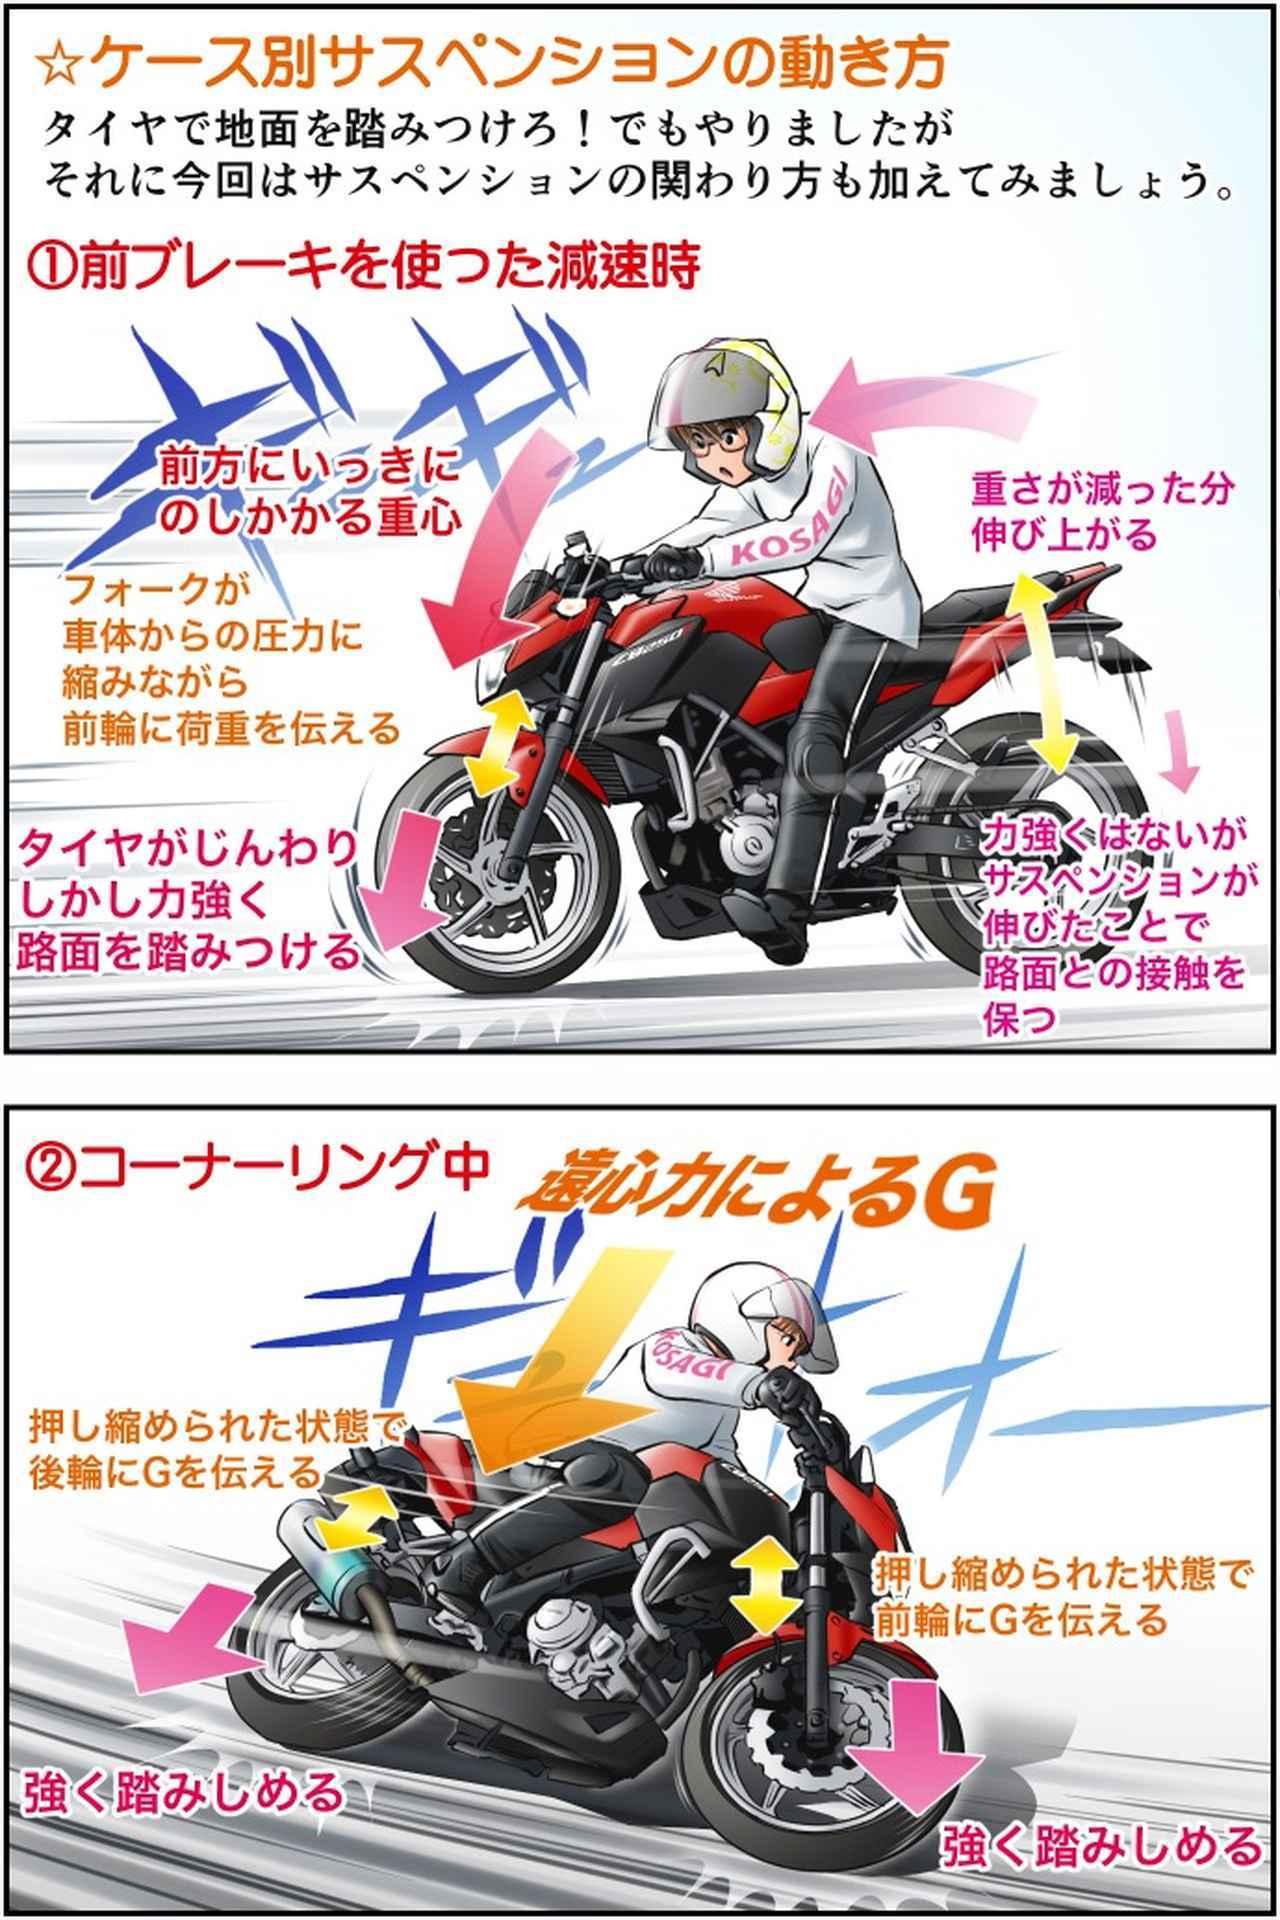 画像3: 『Motoジム!』第5巻は3月9日(土)発売! 大阪、東京のモーターサイクルショーでは、サイン本も数量限定販売!